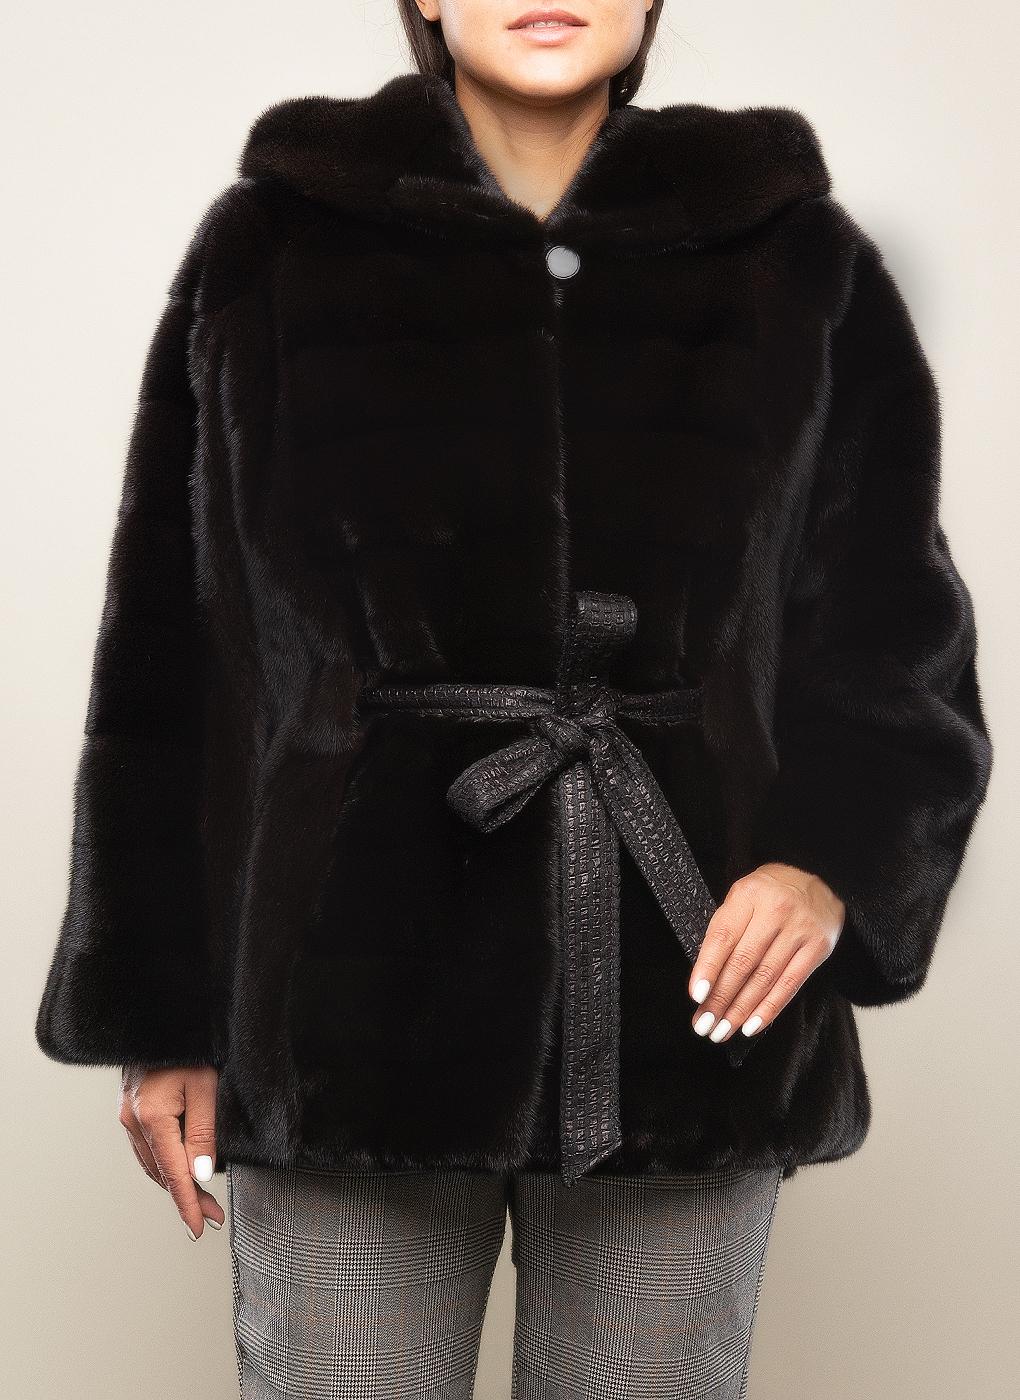 Норковая куртка Анастасия 01, LEON Elite фото